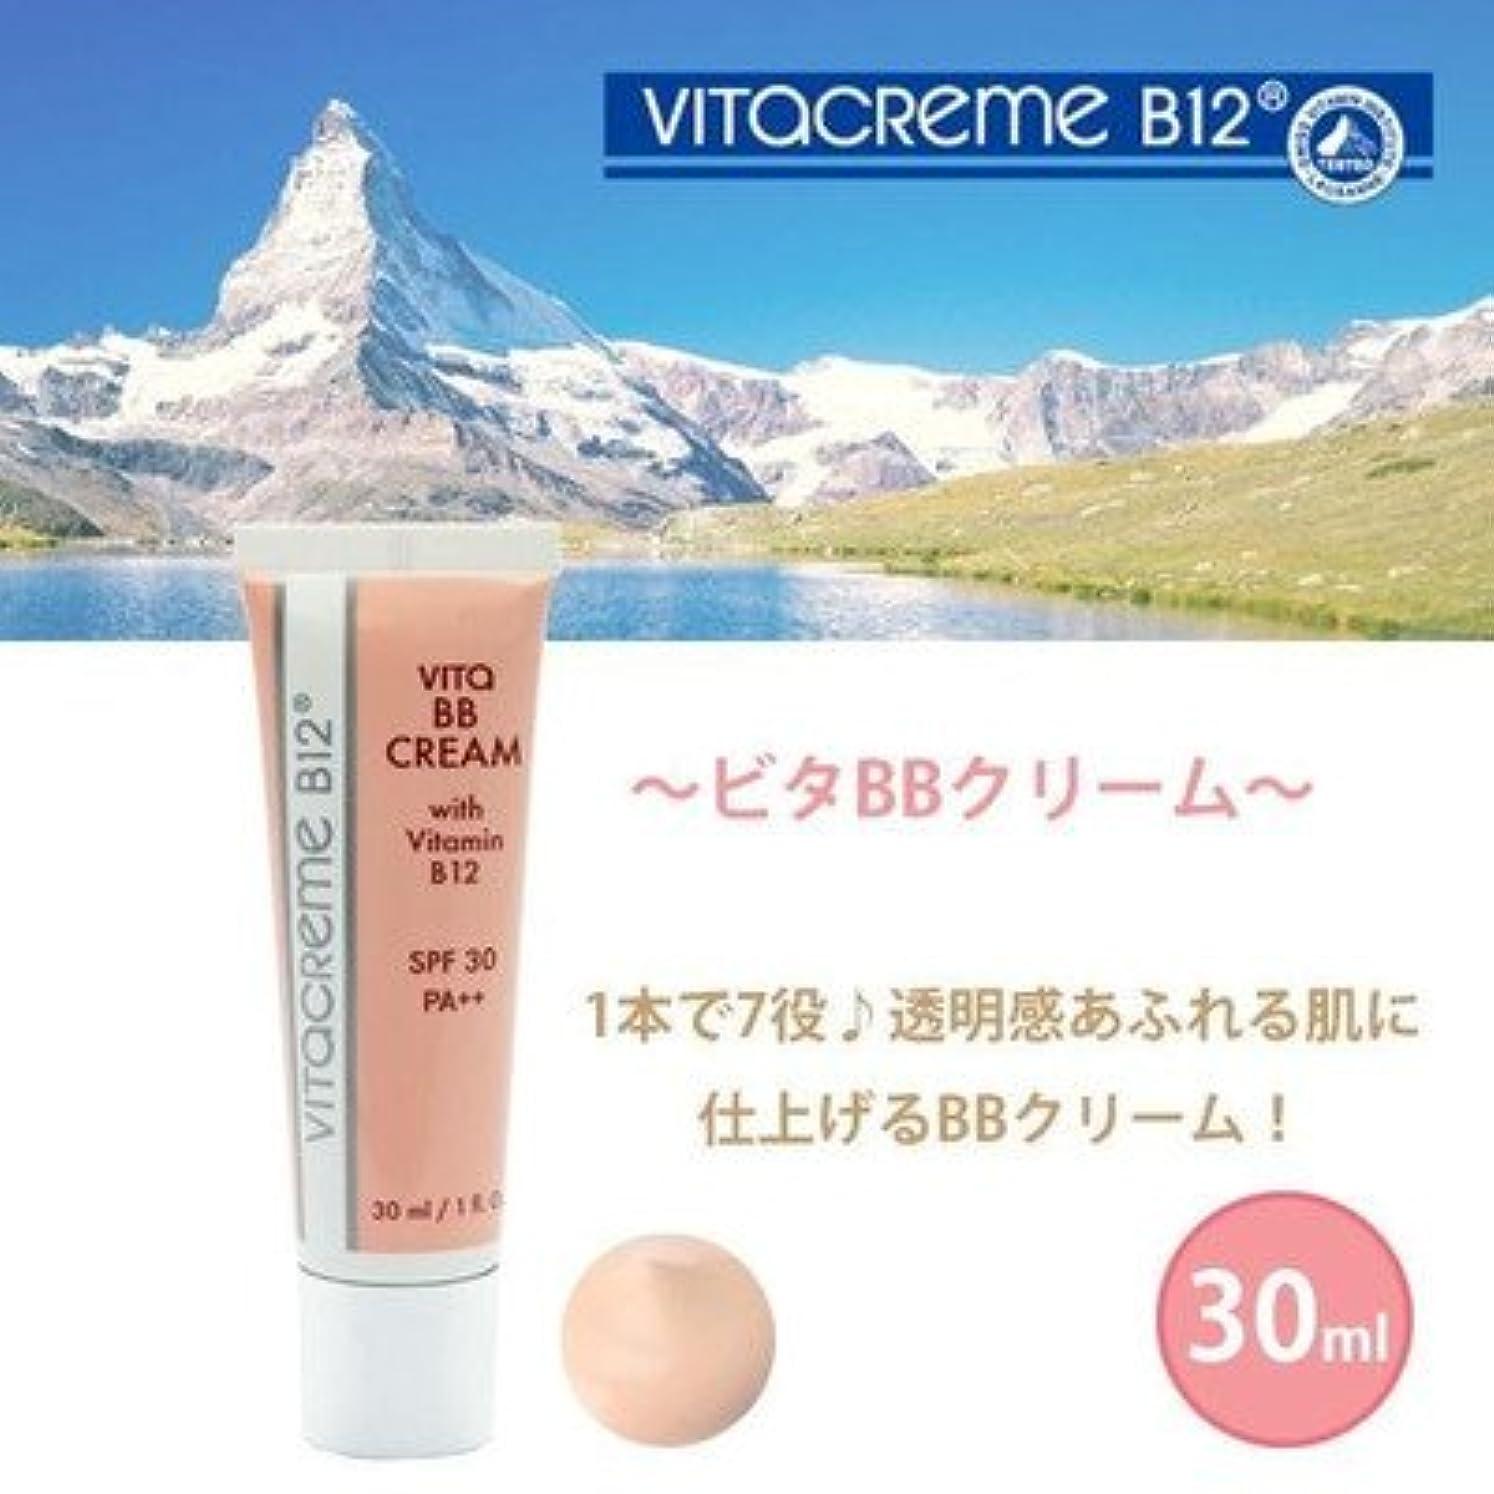 ビタBBクリーム 30ml 正規品 VTB238